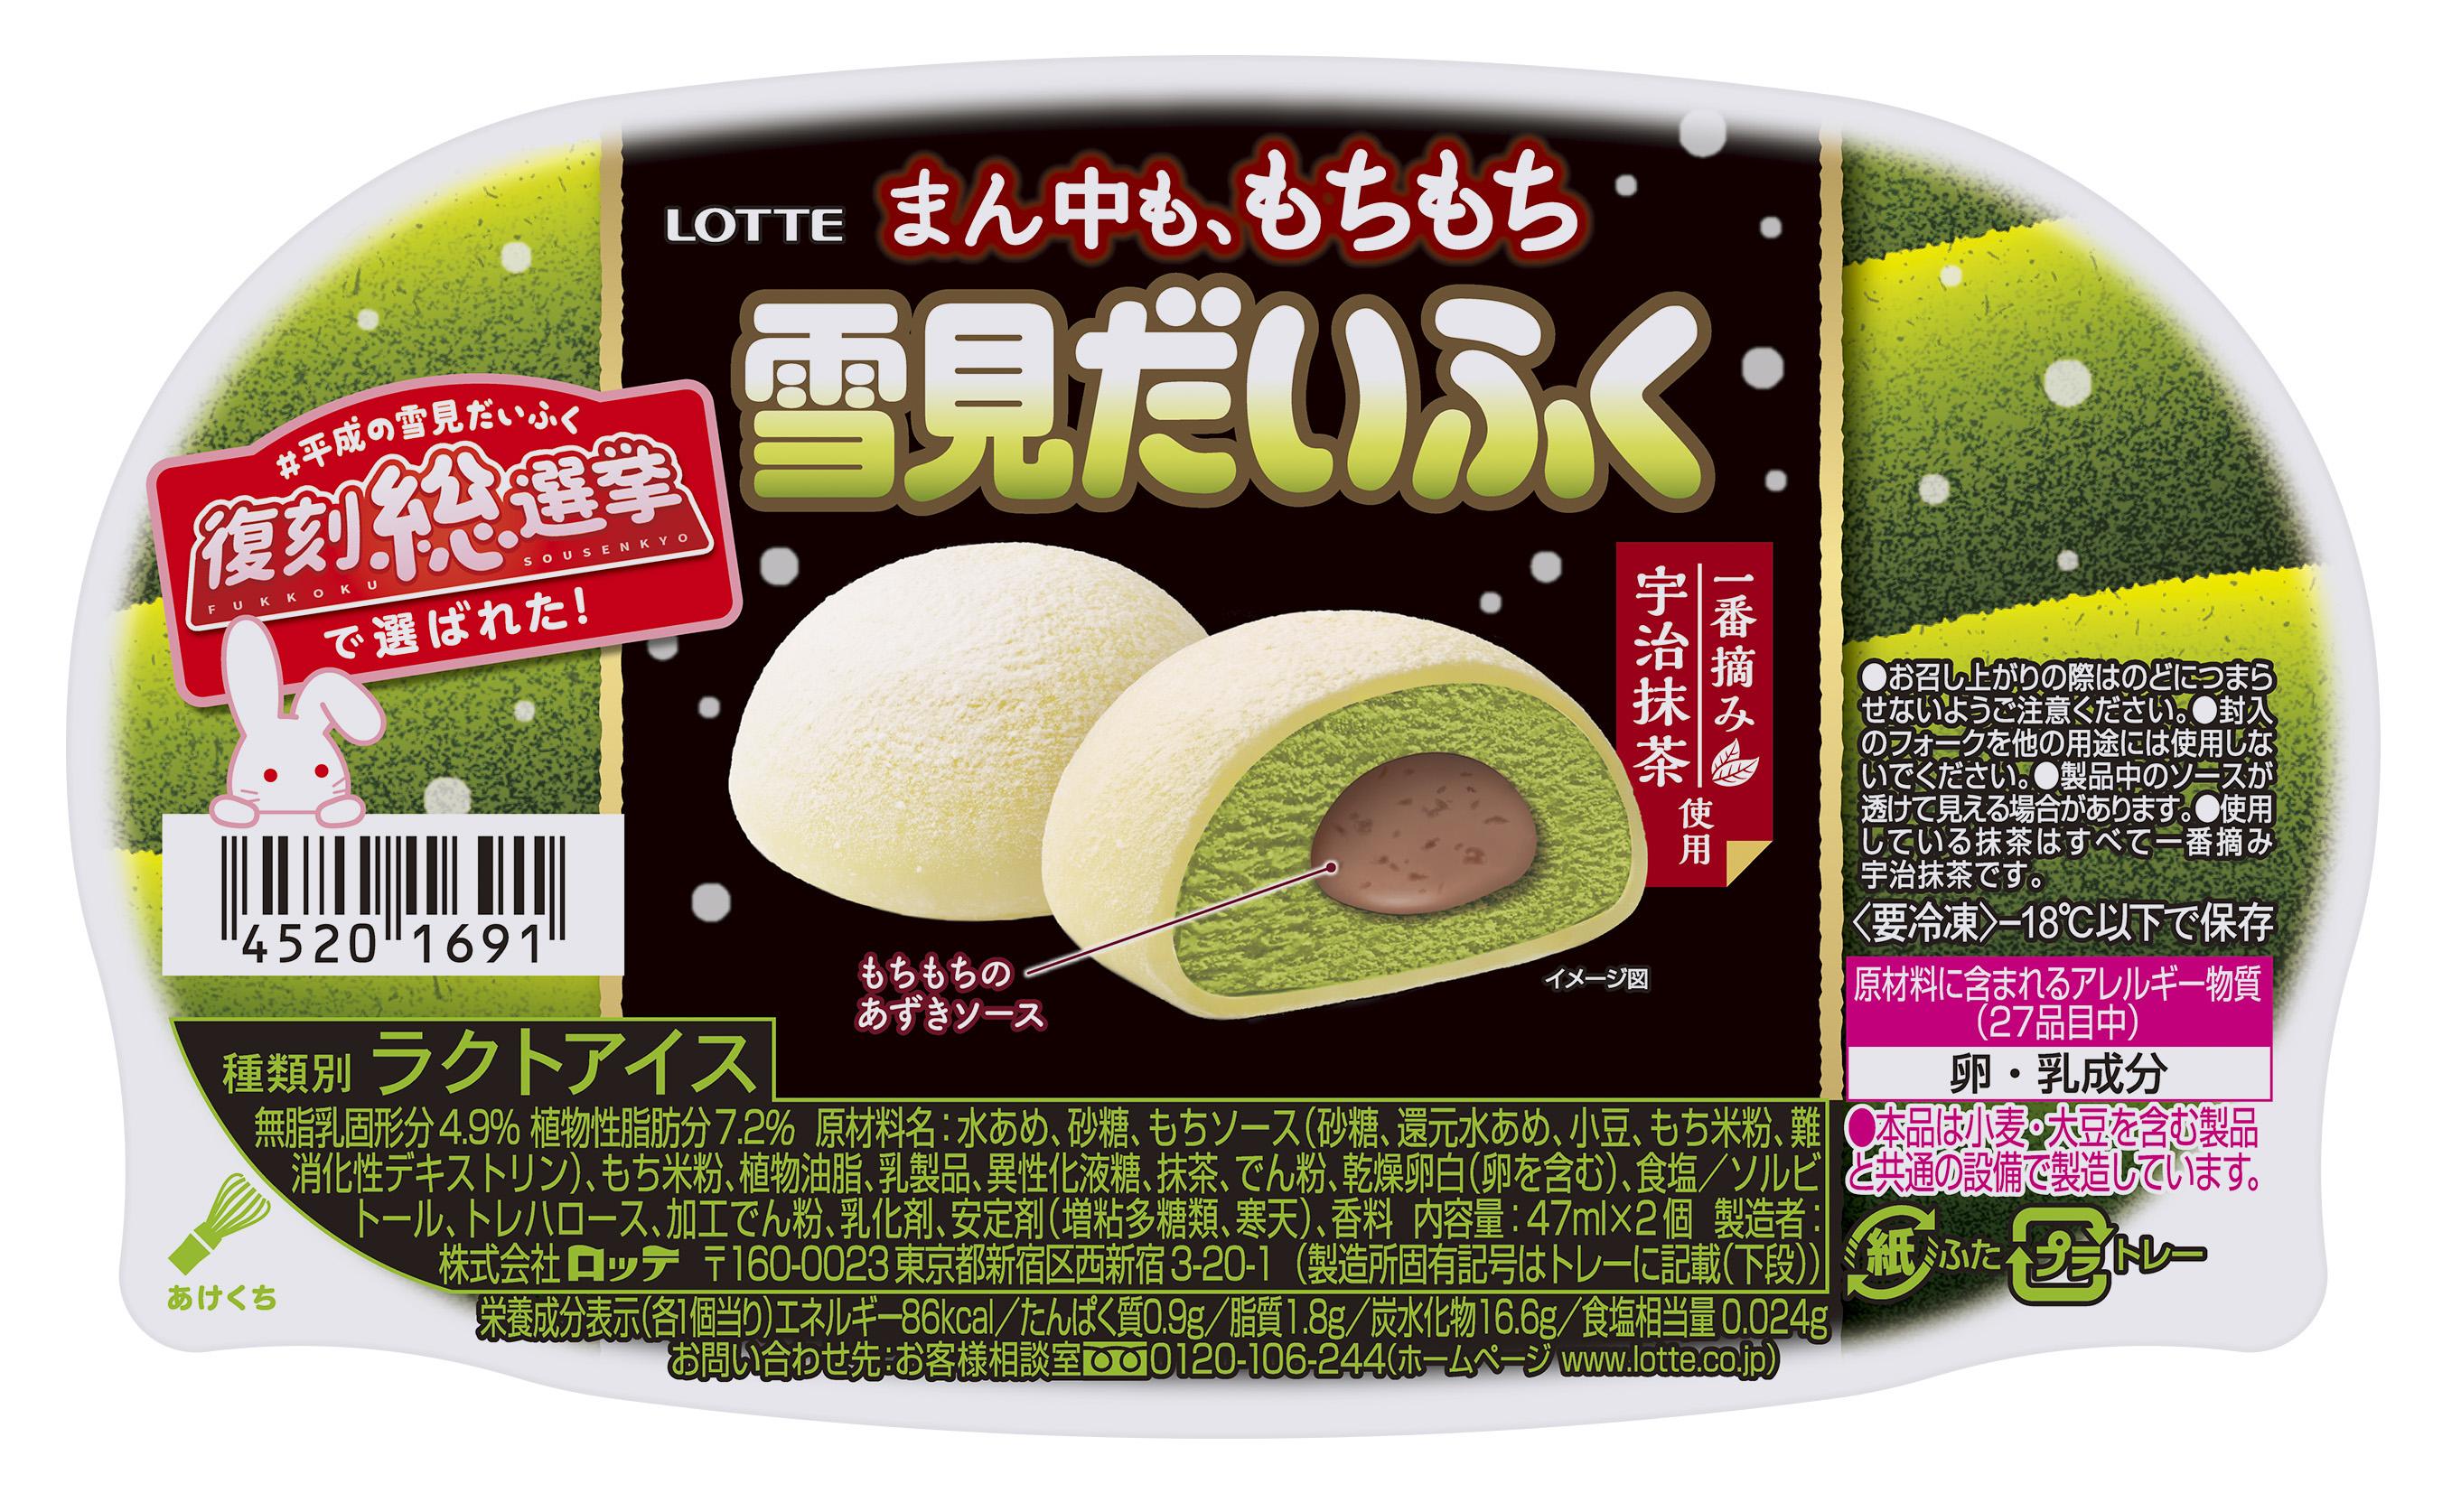 #平成の雪見だいふく復刻総選挙で「もう一度食べたい味」として選ばれた味が復刻!『まん中も、もちもち雪見だいふく抹茶』1月27日(月)発売💚🌟